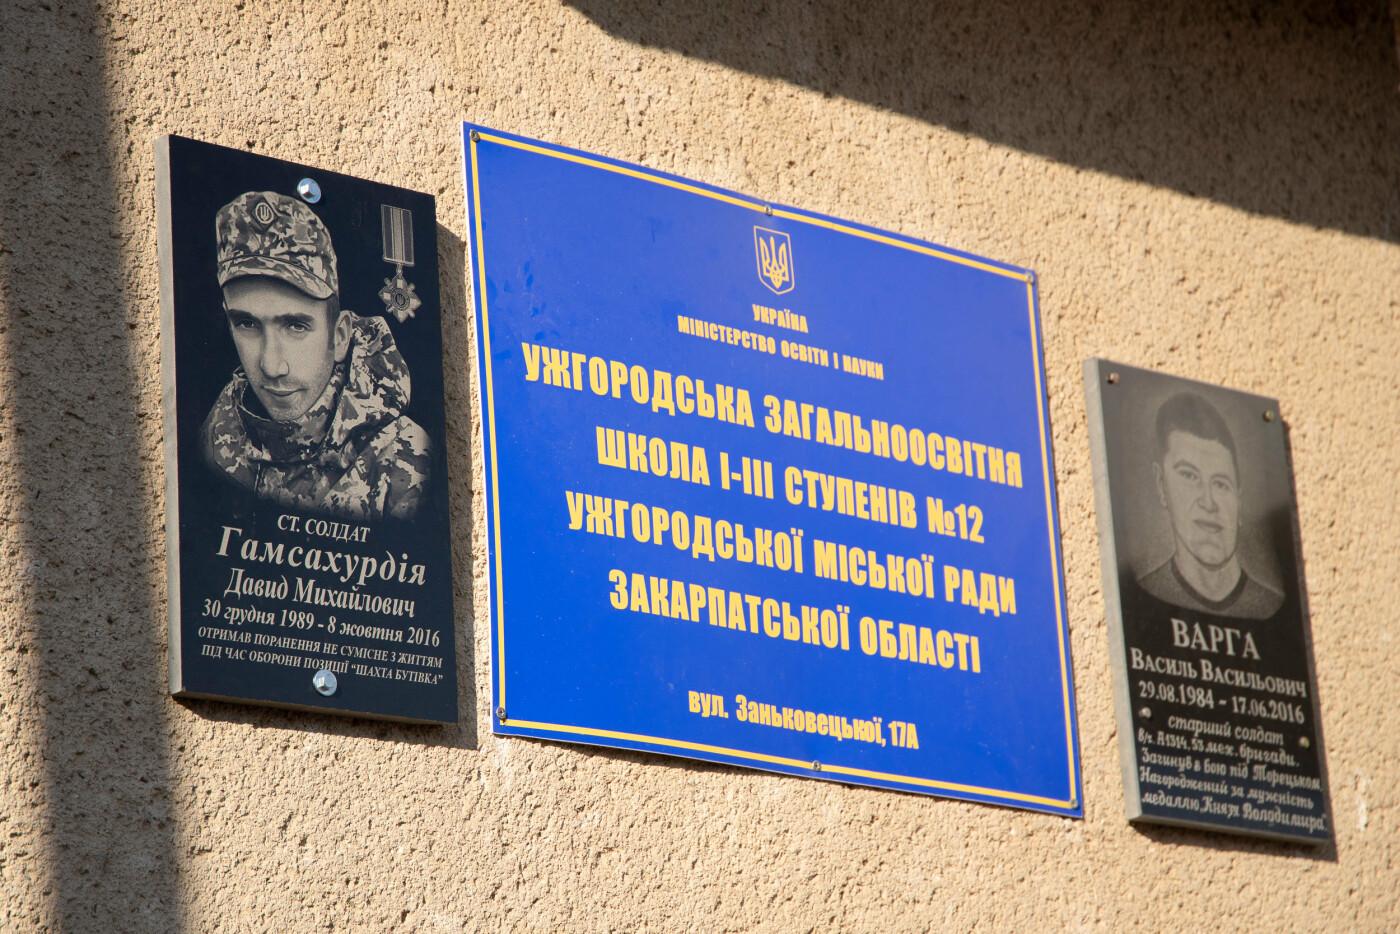 Завжди пам'ятатимемо: в Ужгороді відкрили меморіальну дошку Давиду Гамсахурдії, фото-2